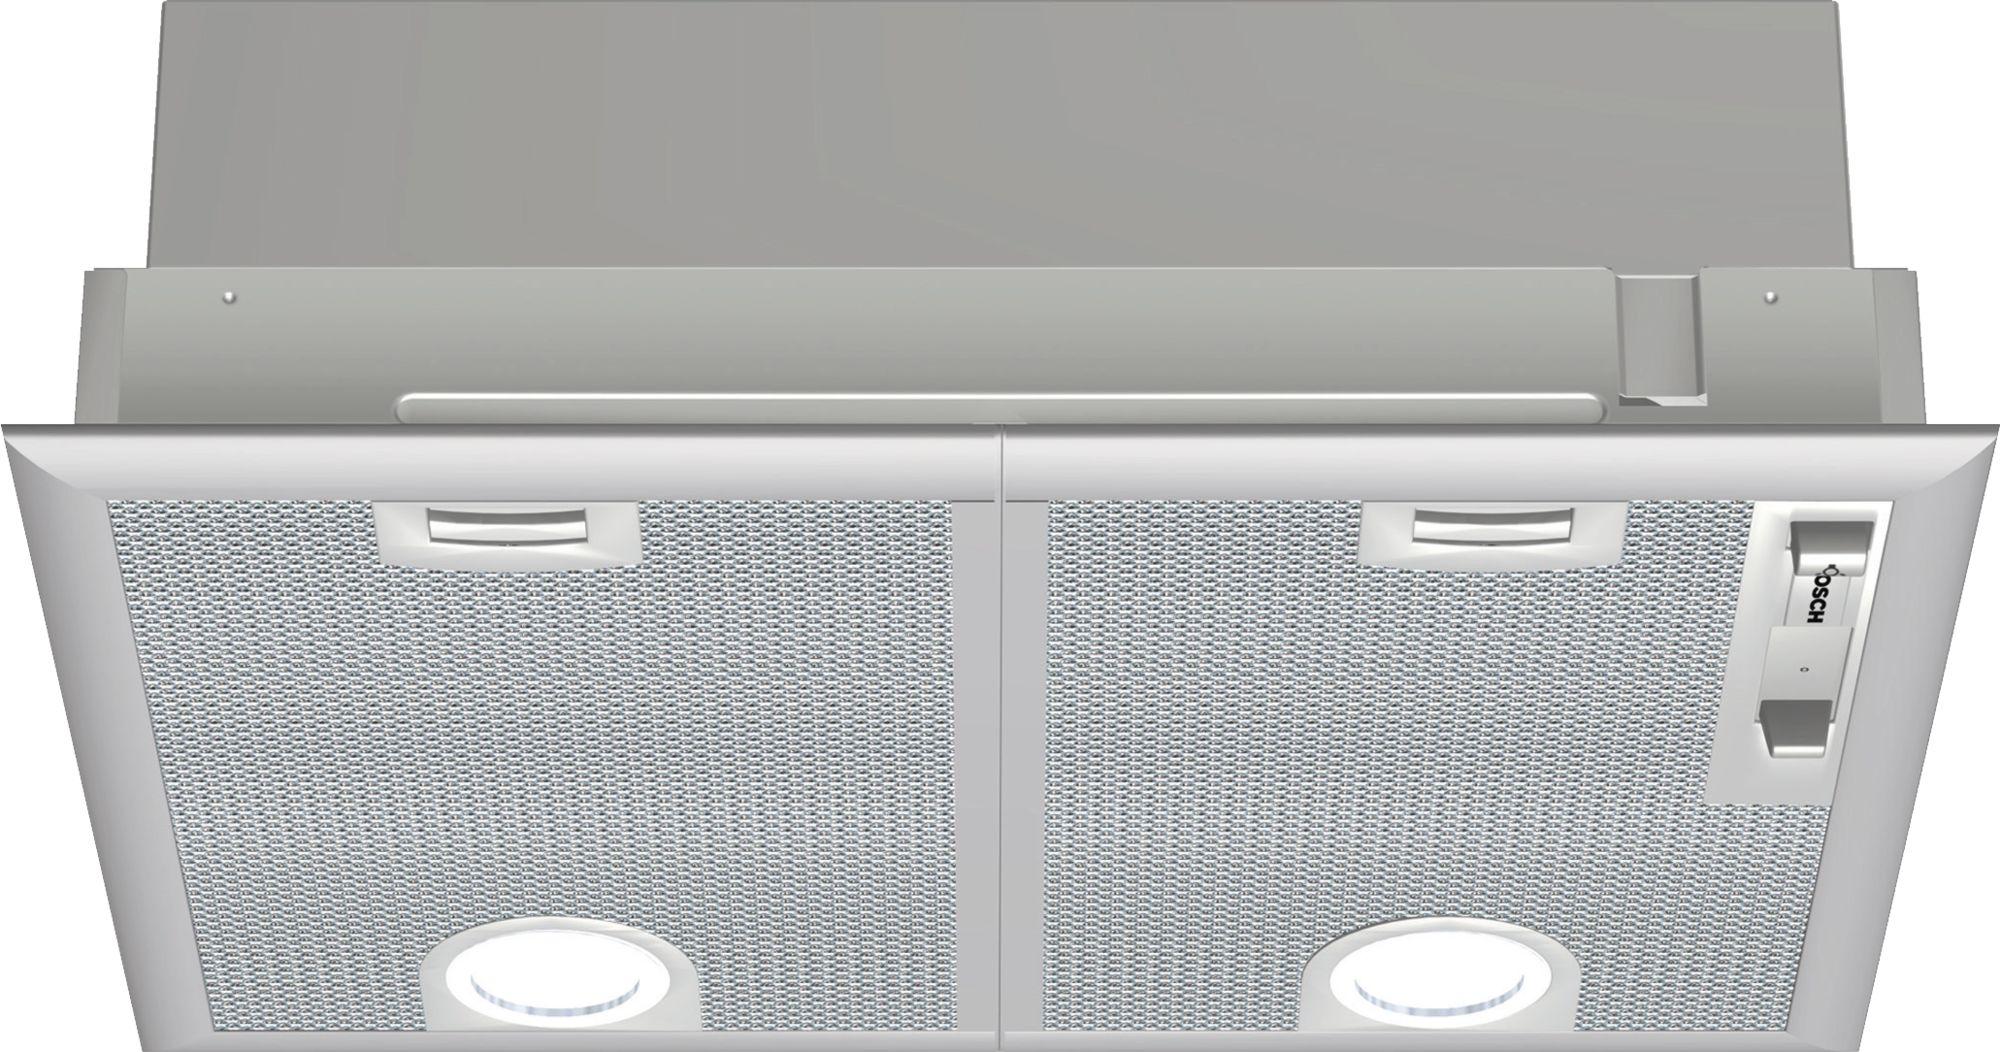 Вытяжка Bosch DHL555BL, серебристый цена и фото